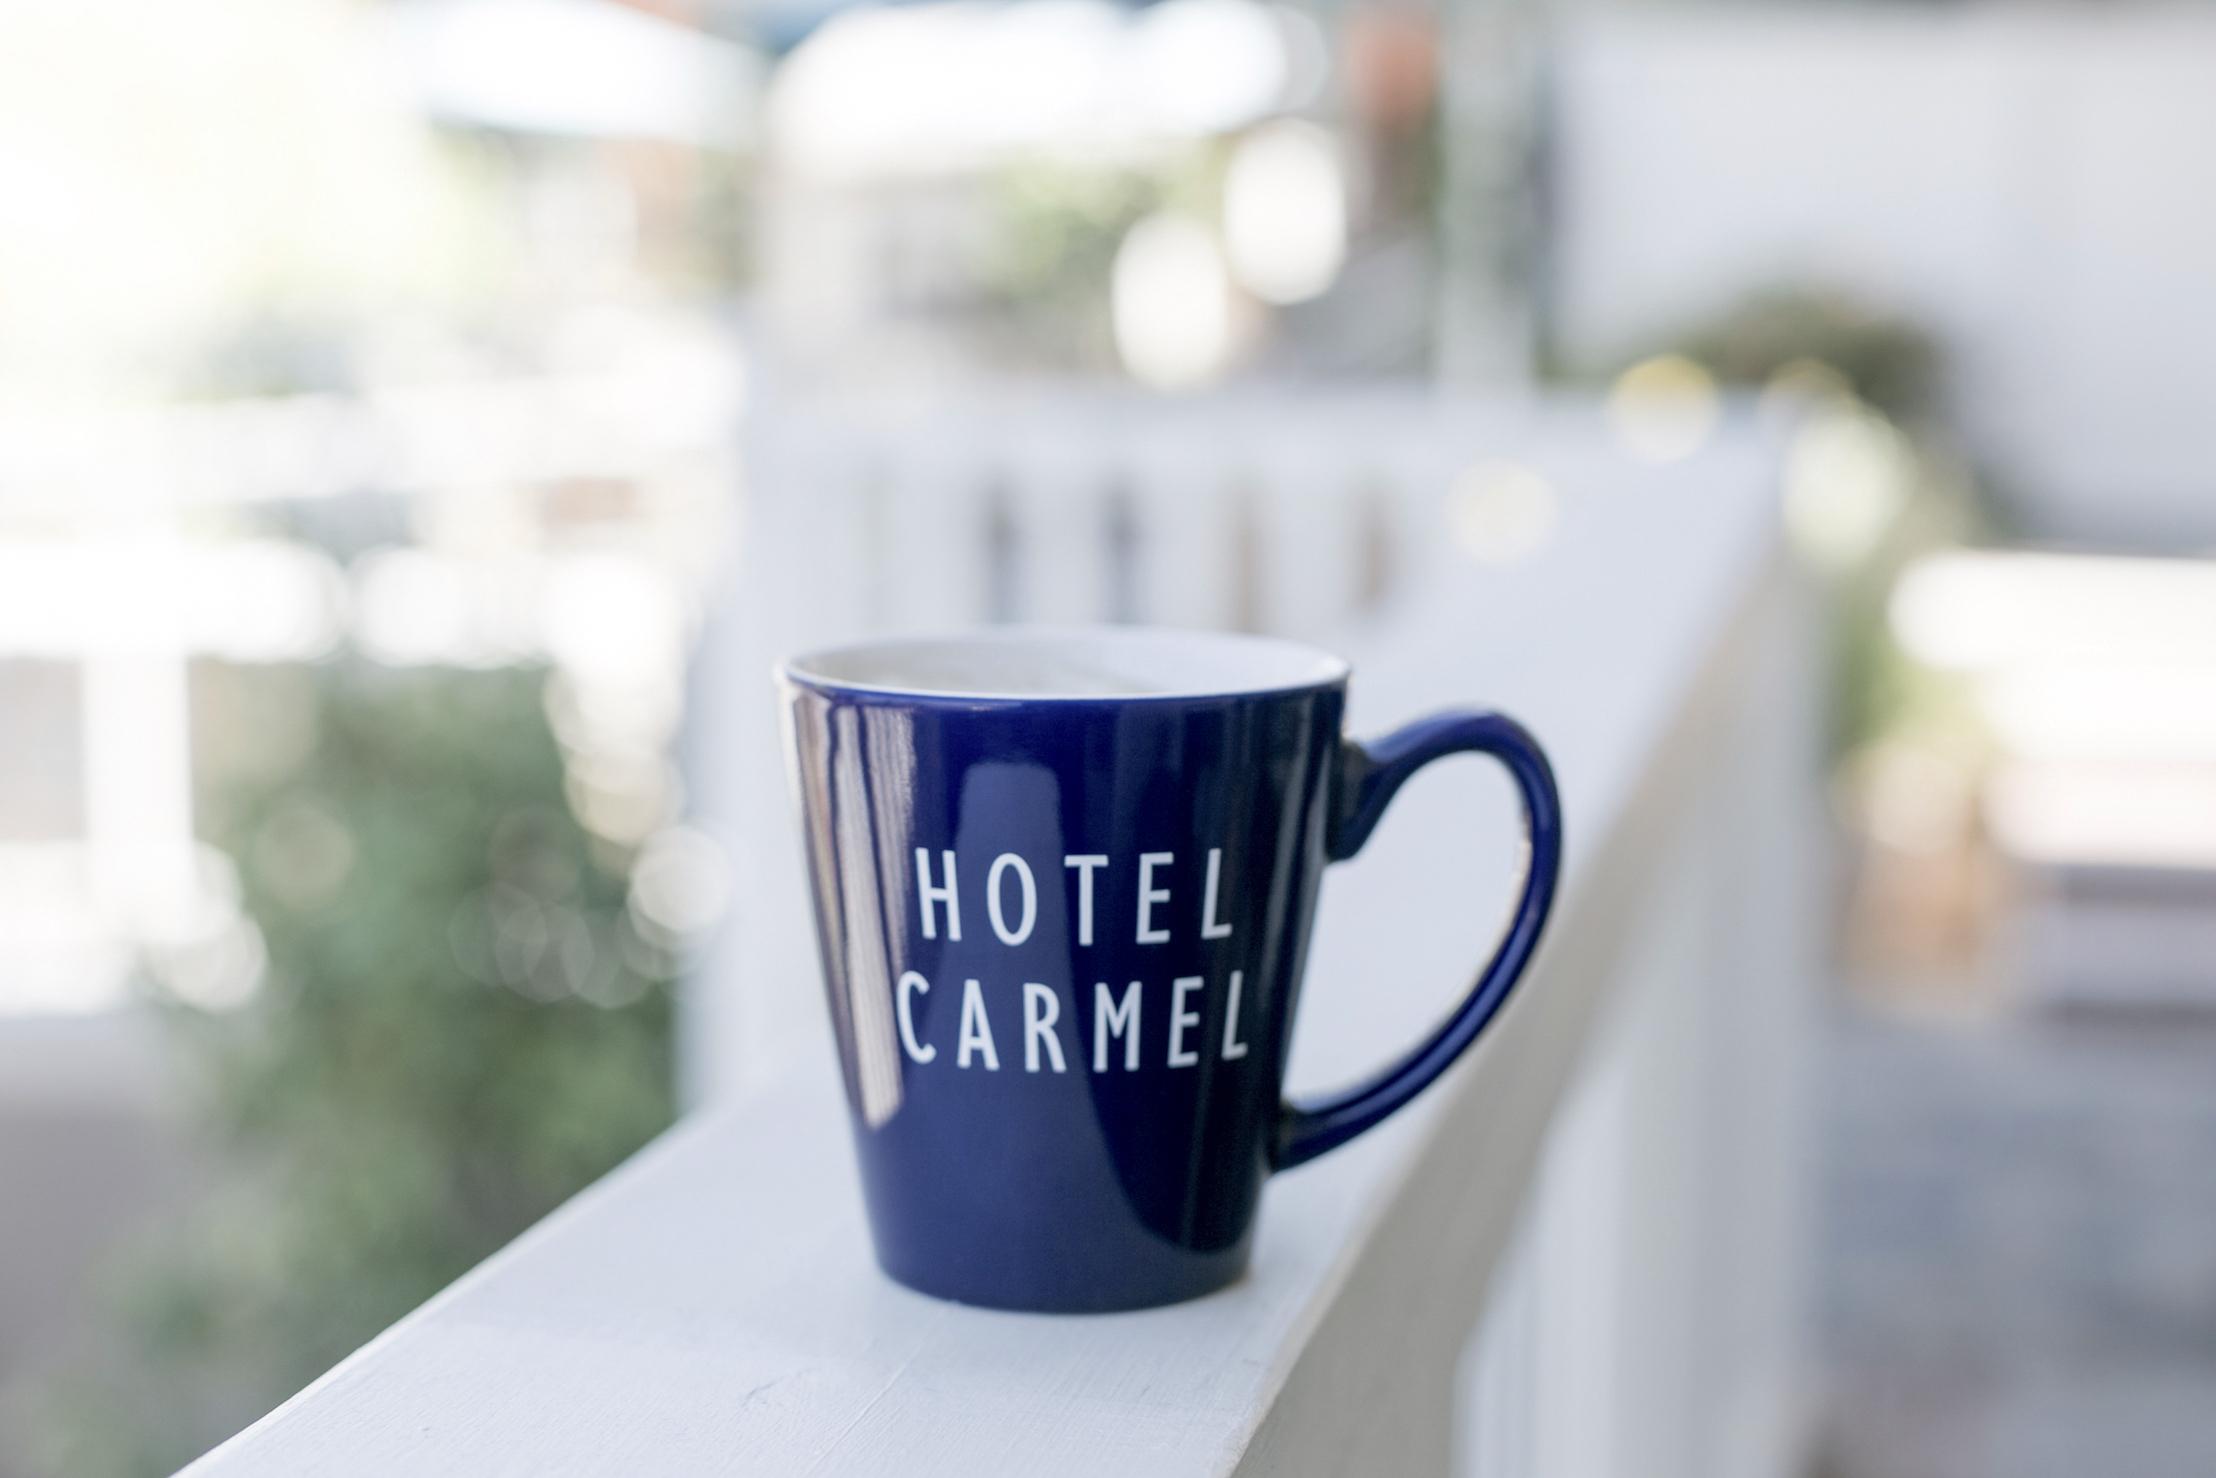 Hotel Carmel - INFLUENCER CONTENT